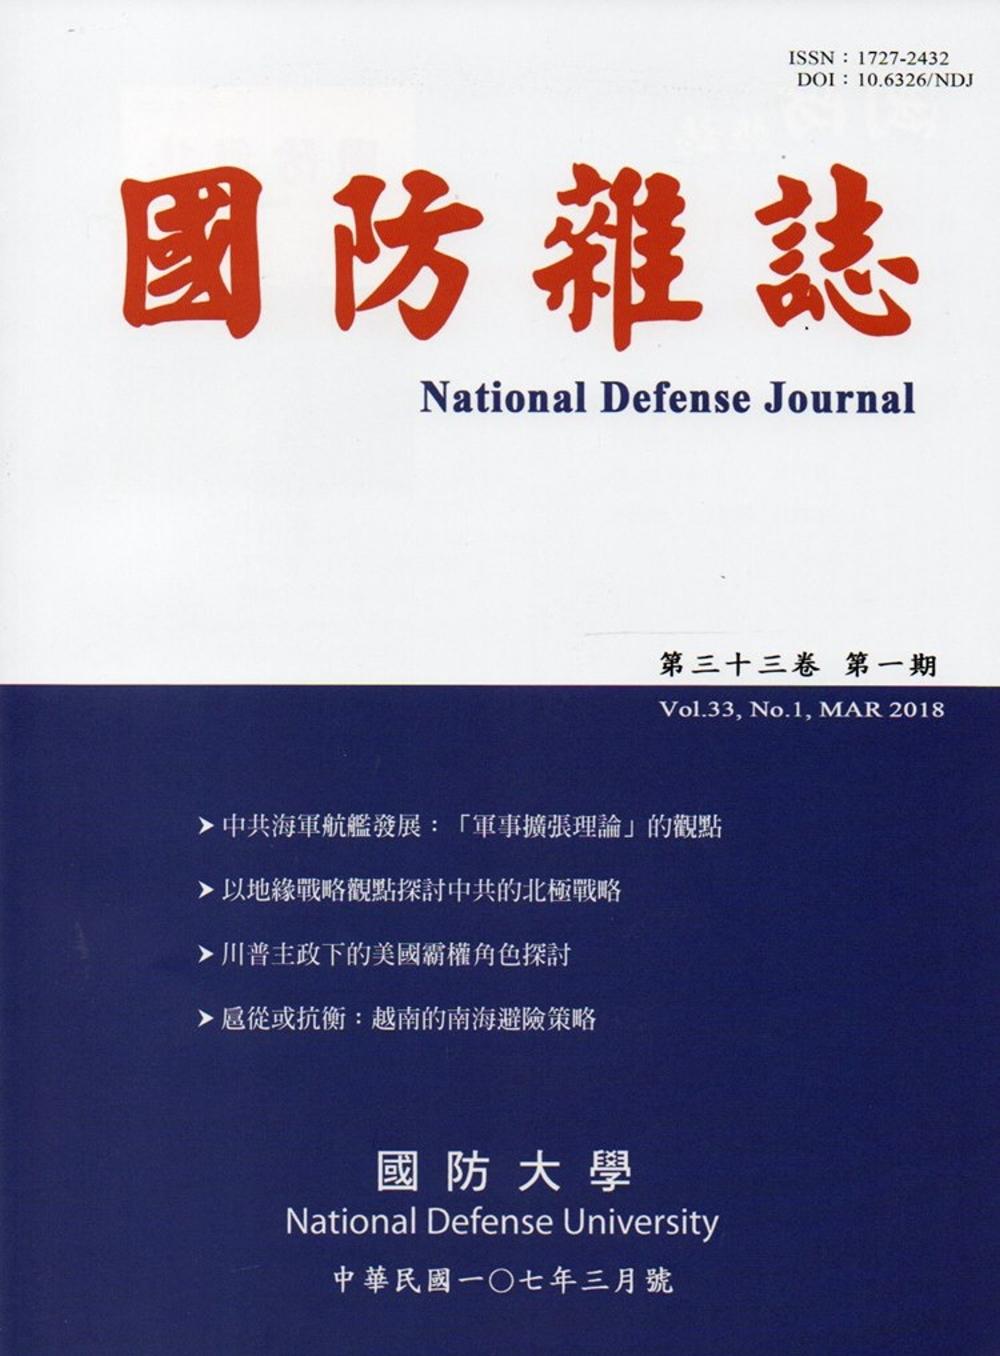 國防雜誌季刊第33卷第1期(2018.03)